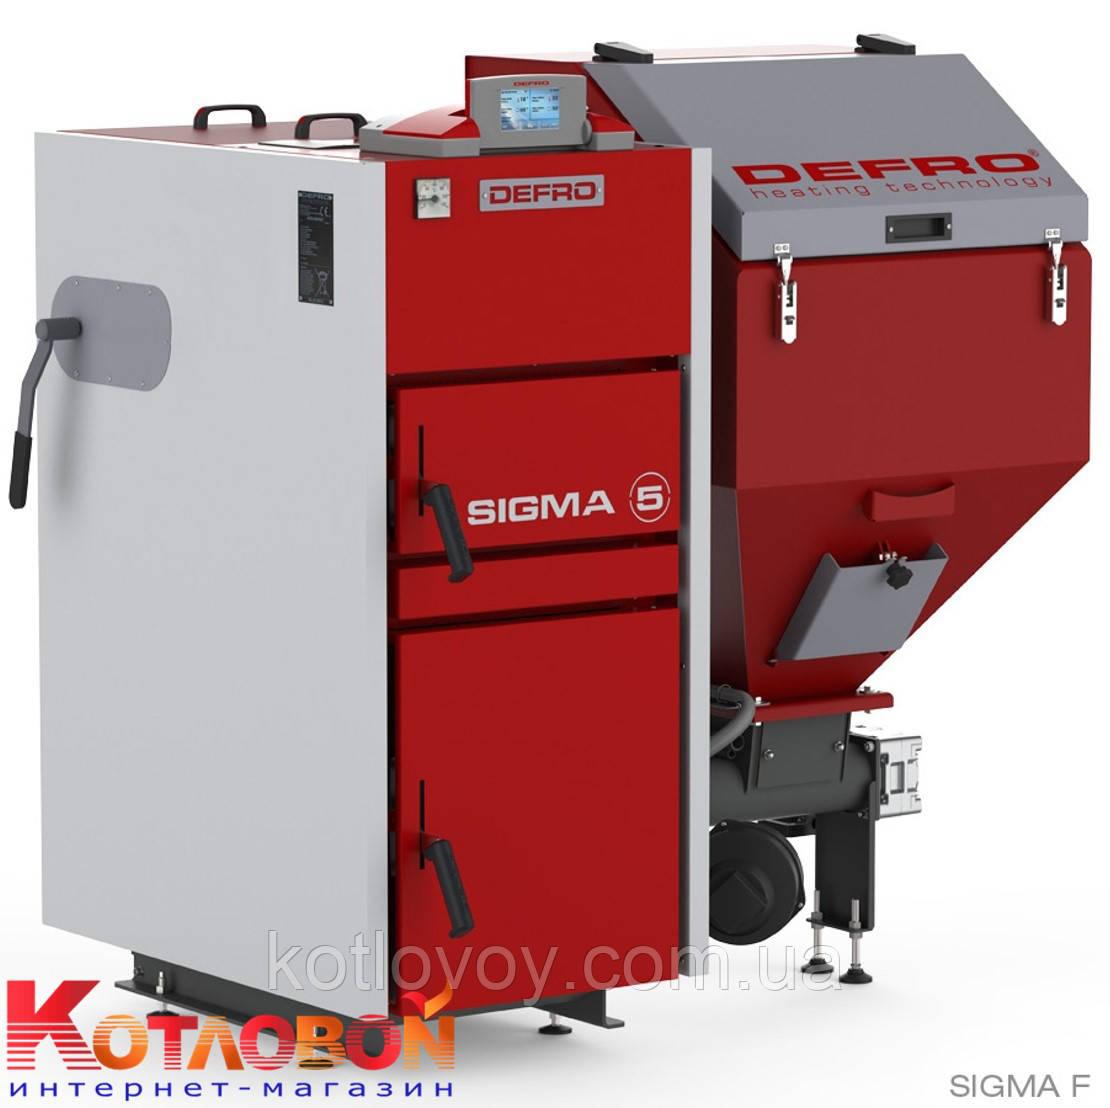 Твердотопливный котёл с автоматической подачей топлива DEFRO SIGMA UNI